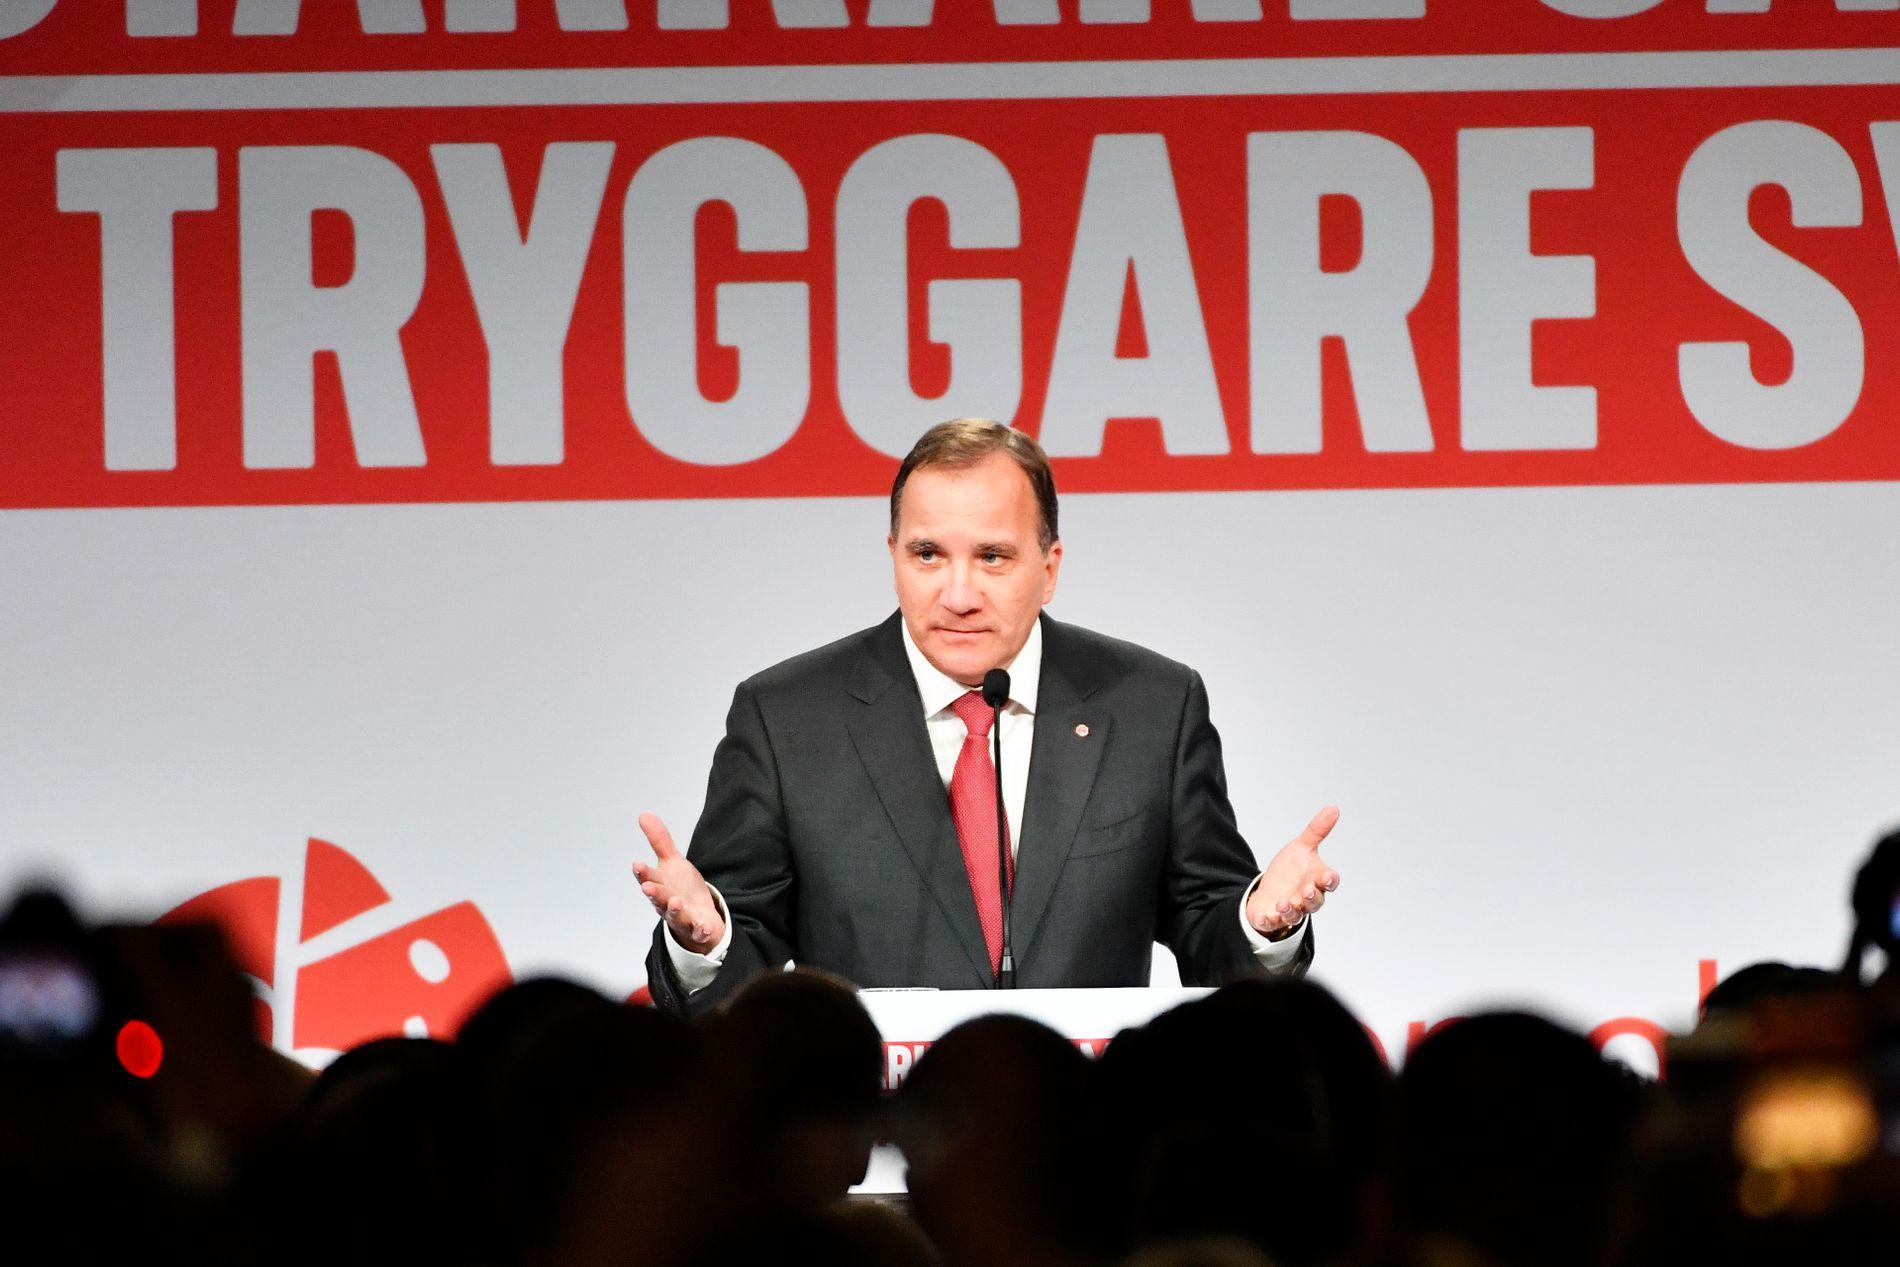 Stefan Löfven mener den naturlige løsningen etter valget i Sverige er at han fortsetter som statsminister.  Foto Jonas Ekströmer /TT / NTB scanpix